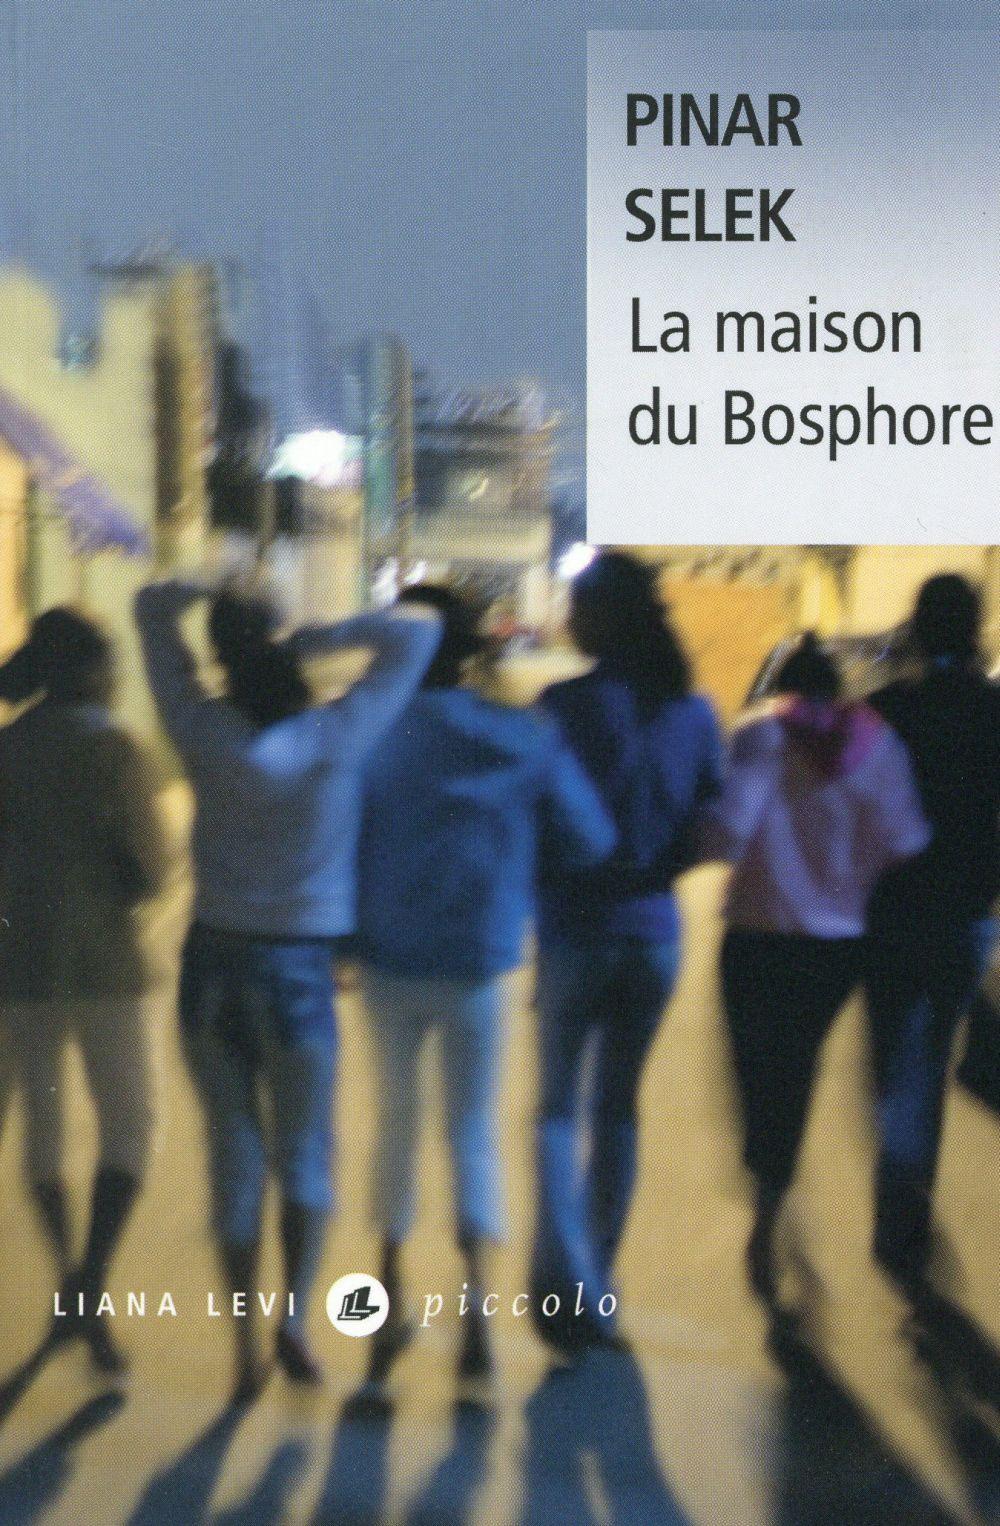 LA MAISON DU BOSPHORE